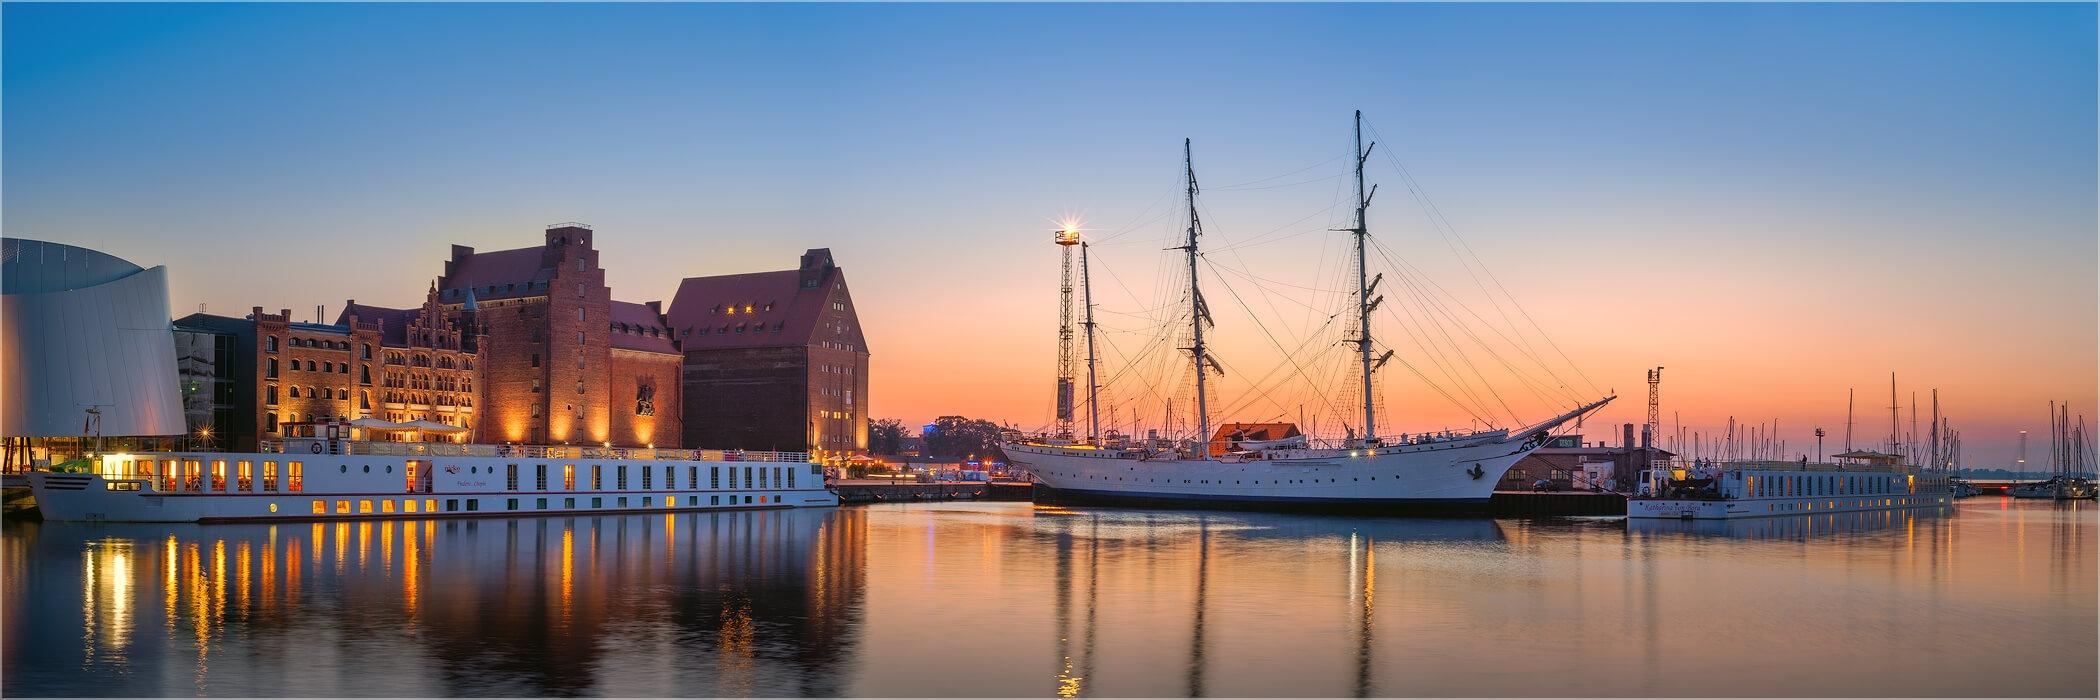 Panoramafoto Hafen Stralsund Gorch Fock